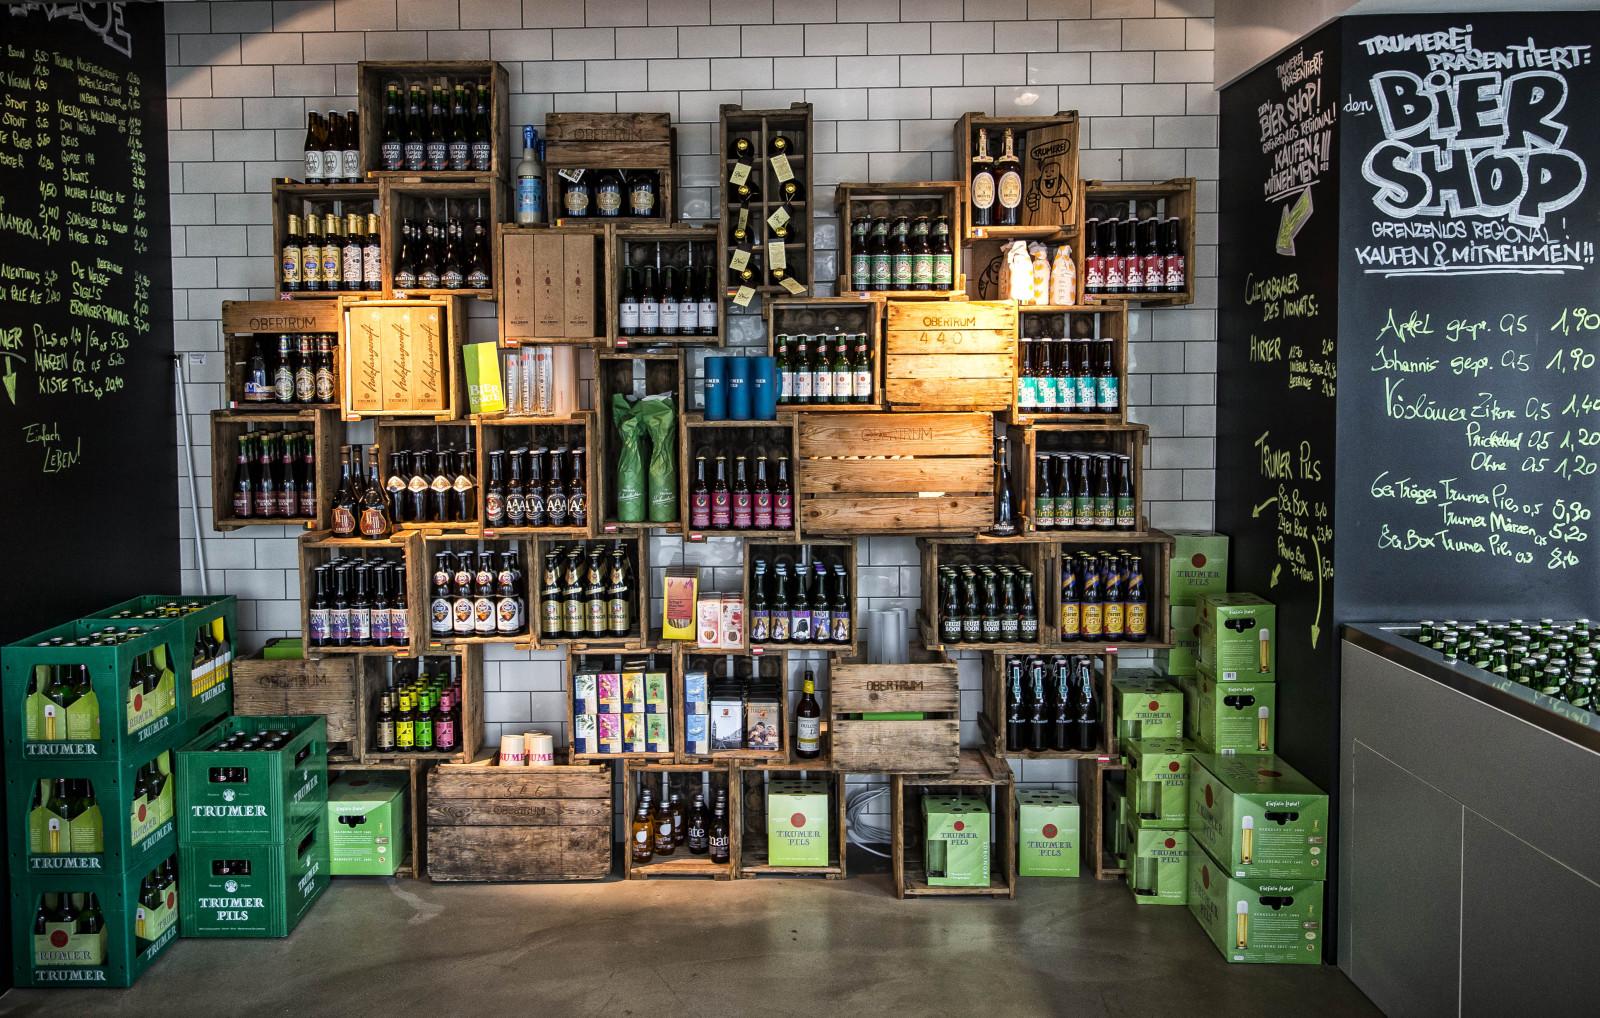 Der neue Biershop